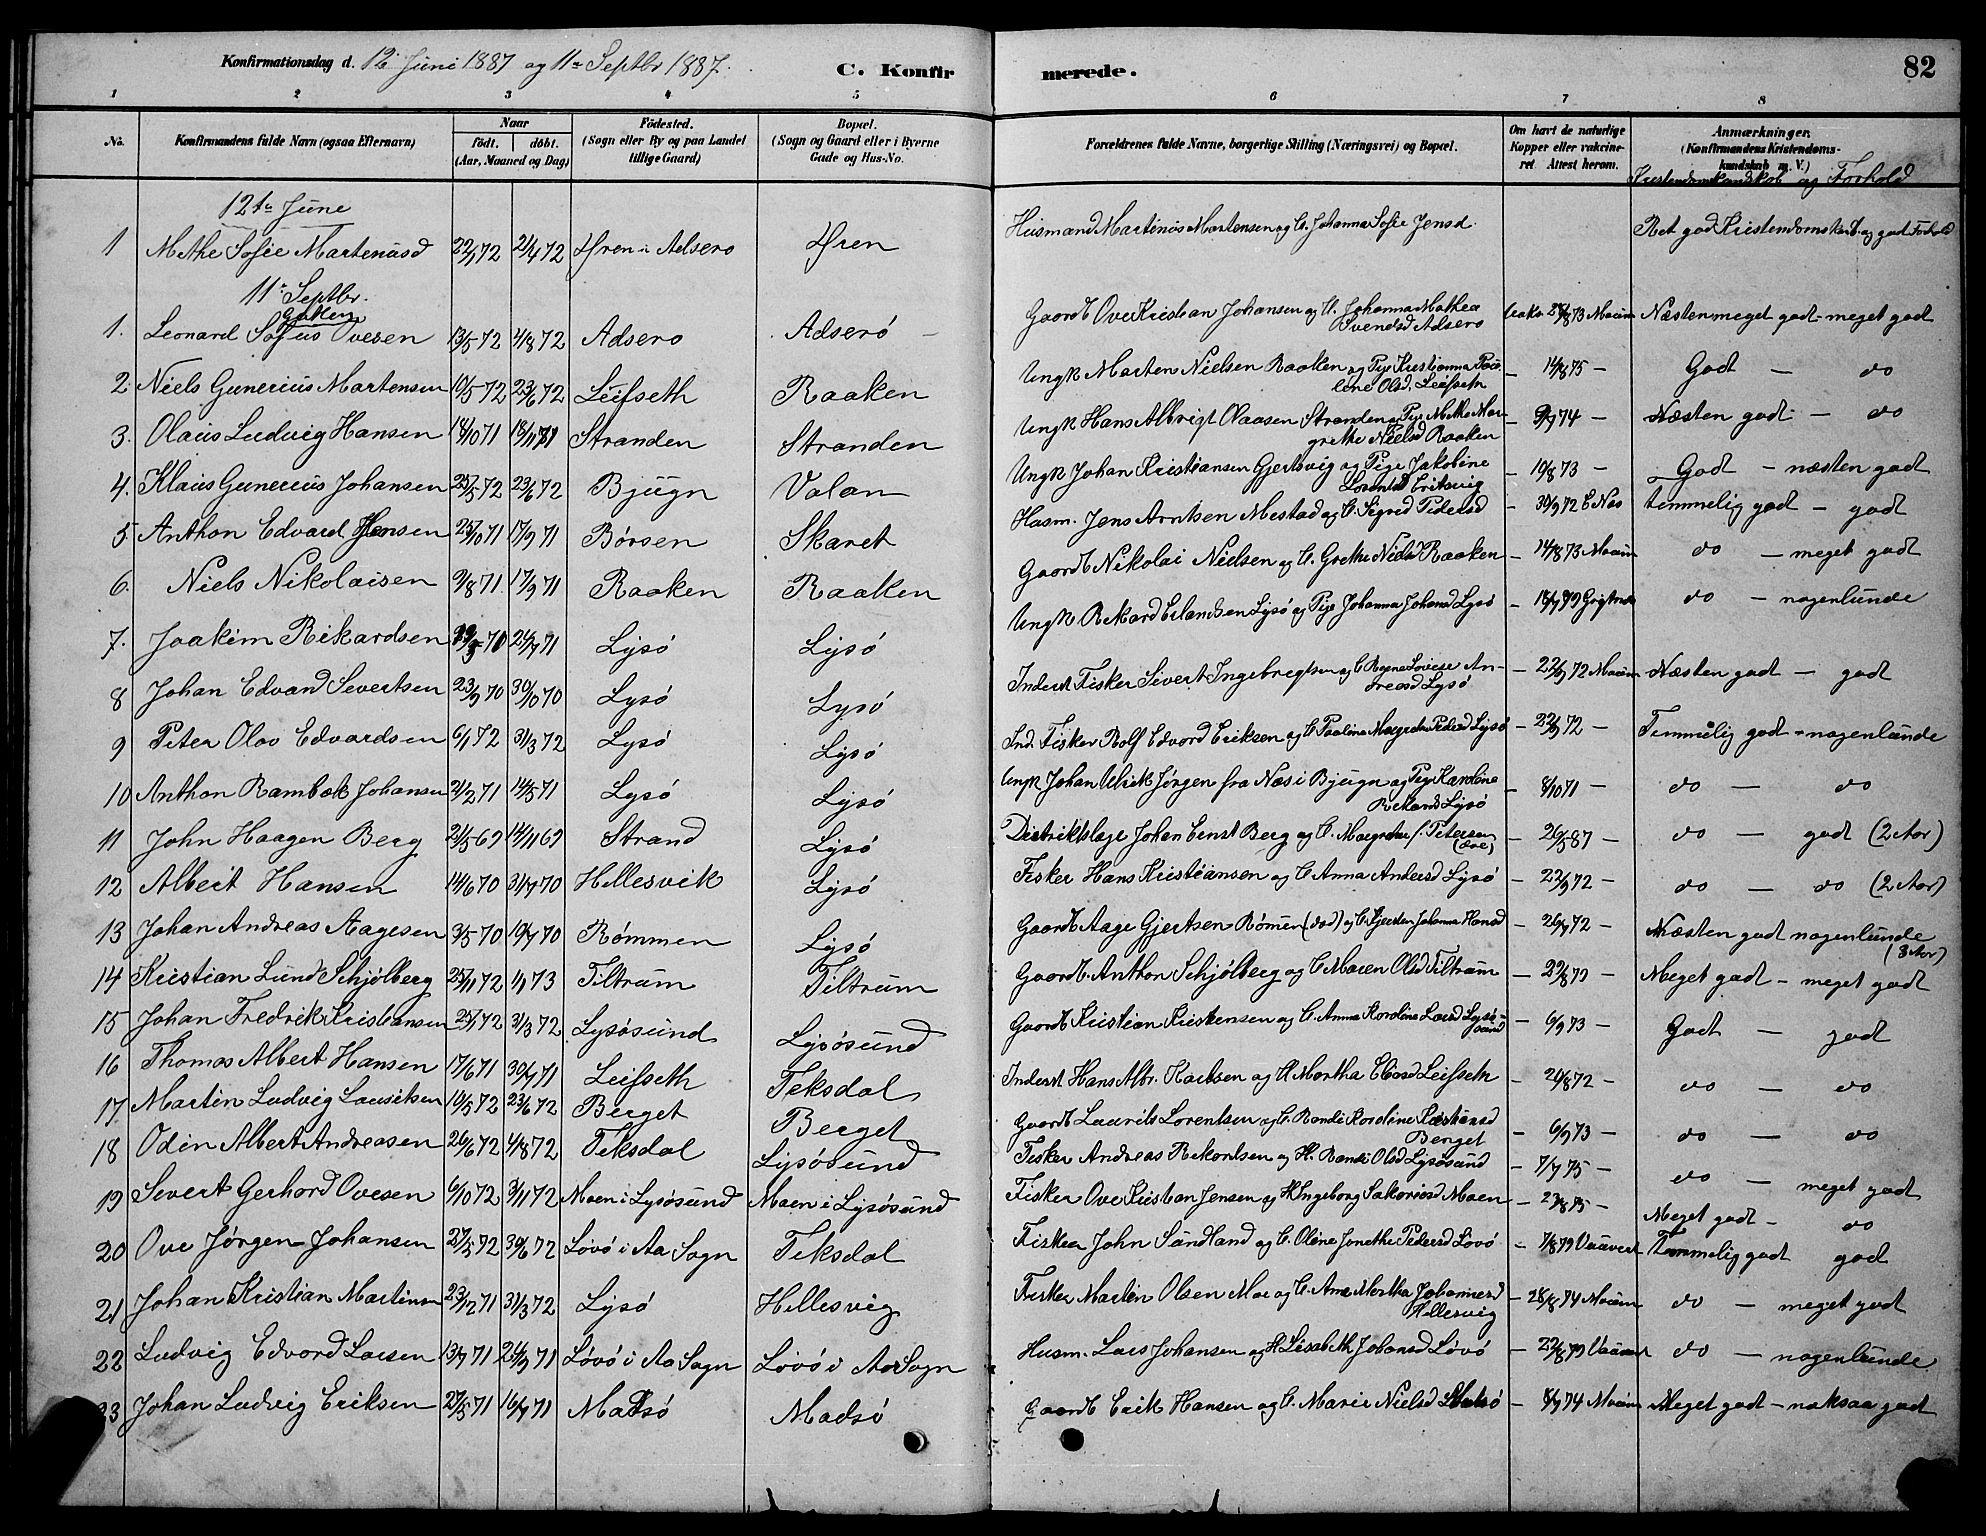 SAT, Ministerialprotokoller, klokkerbøker og fødselsregistre - Sør-Trøndelag, 654/L0665: Klokkerbok nr. 654C01, 1879-1901, s. 82